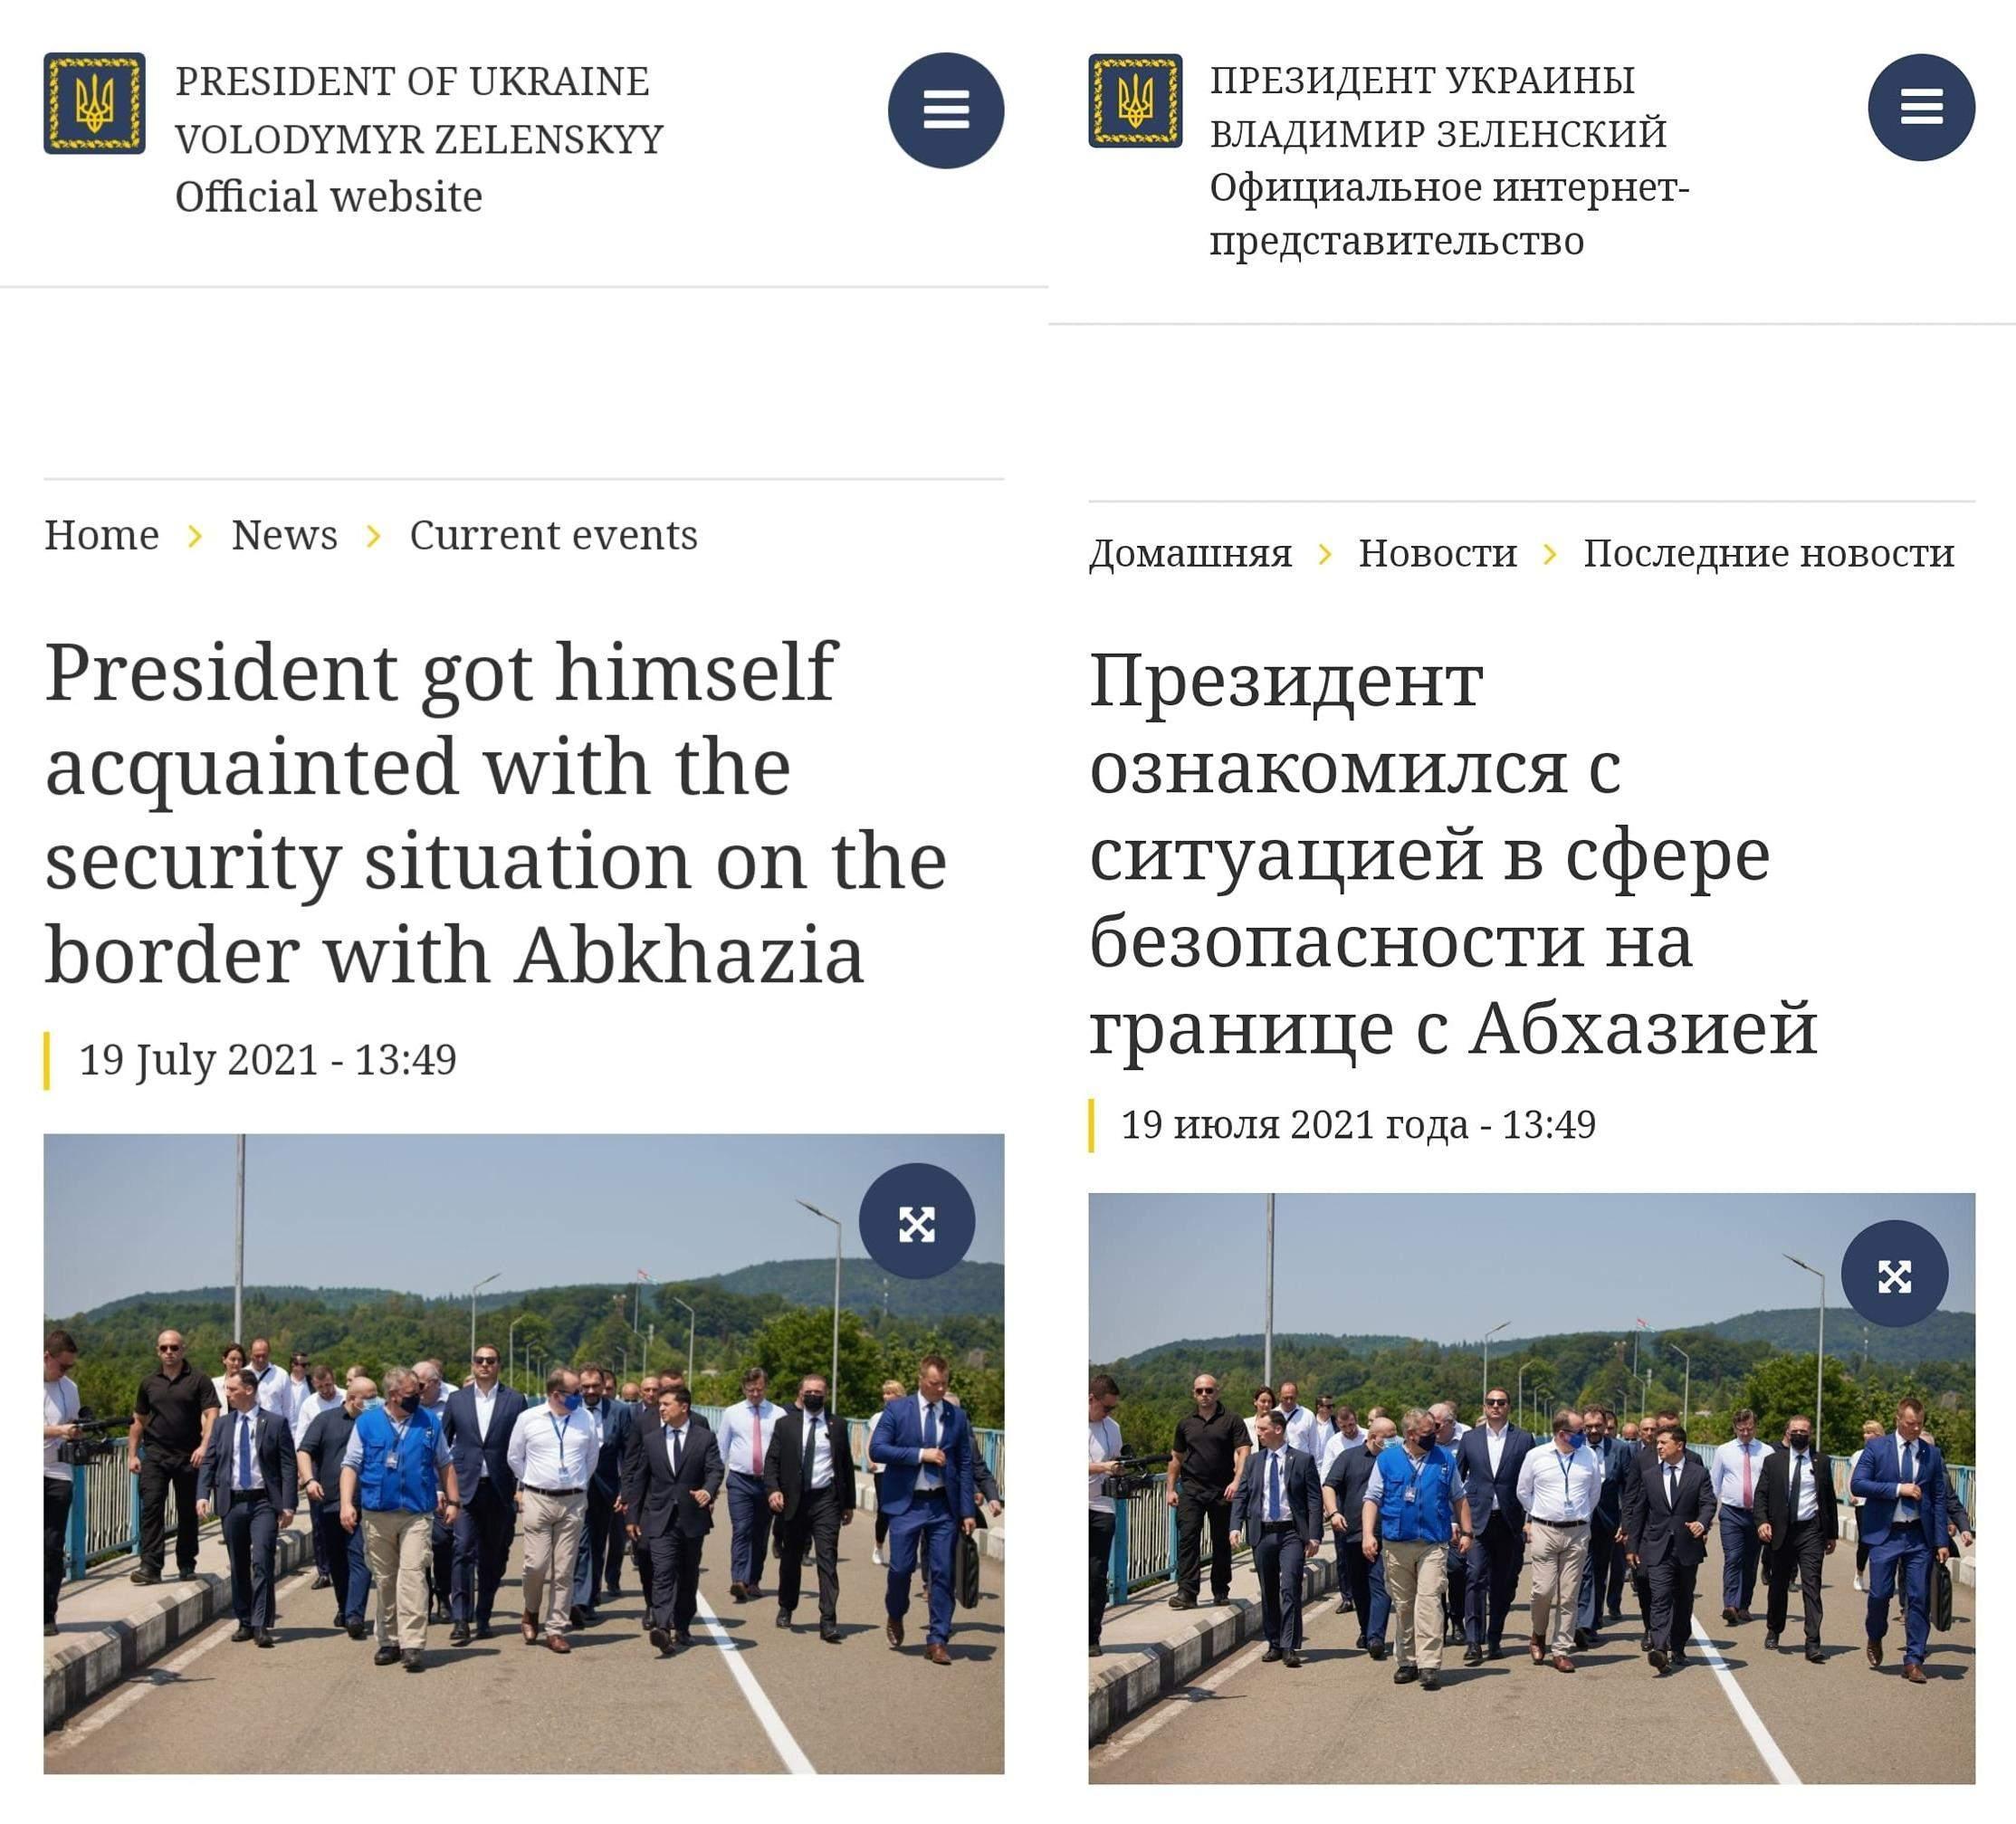 Скриншоти про кордон з Абхазією